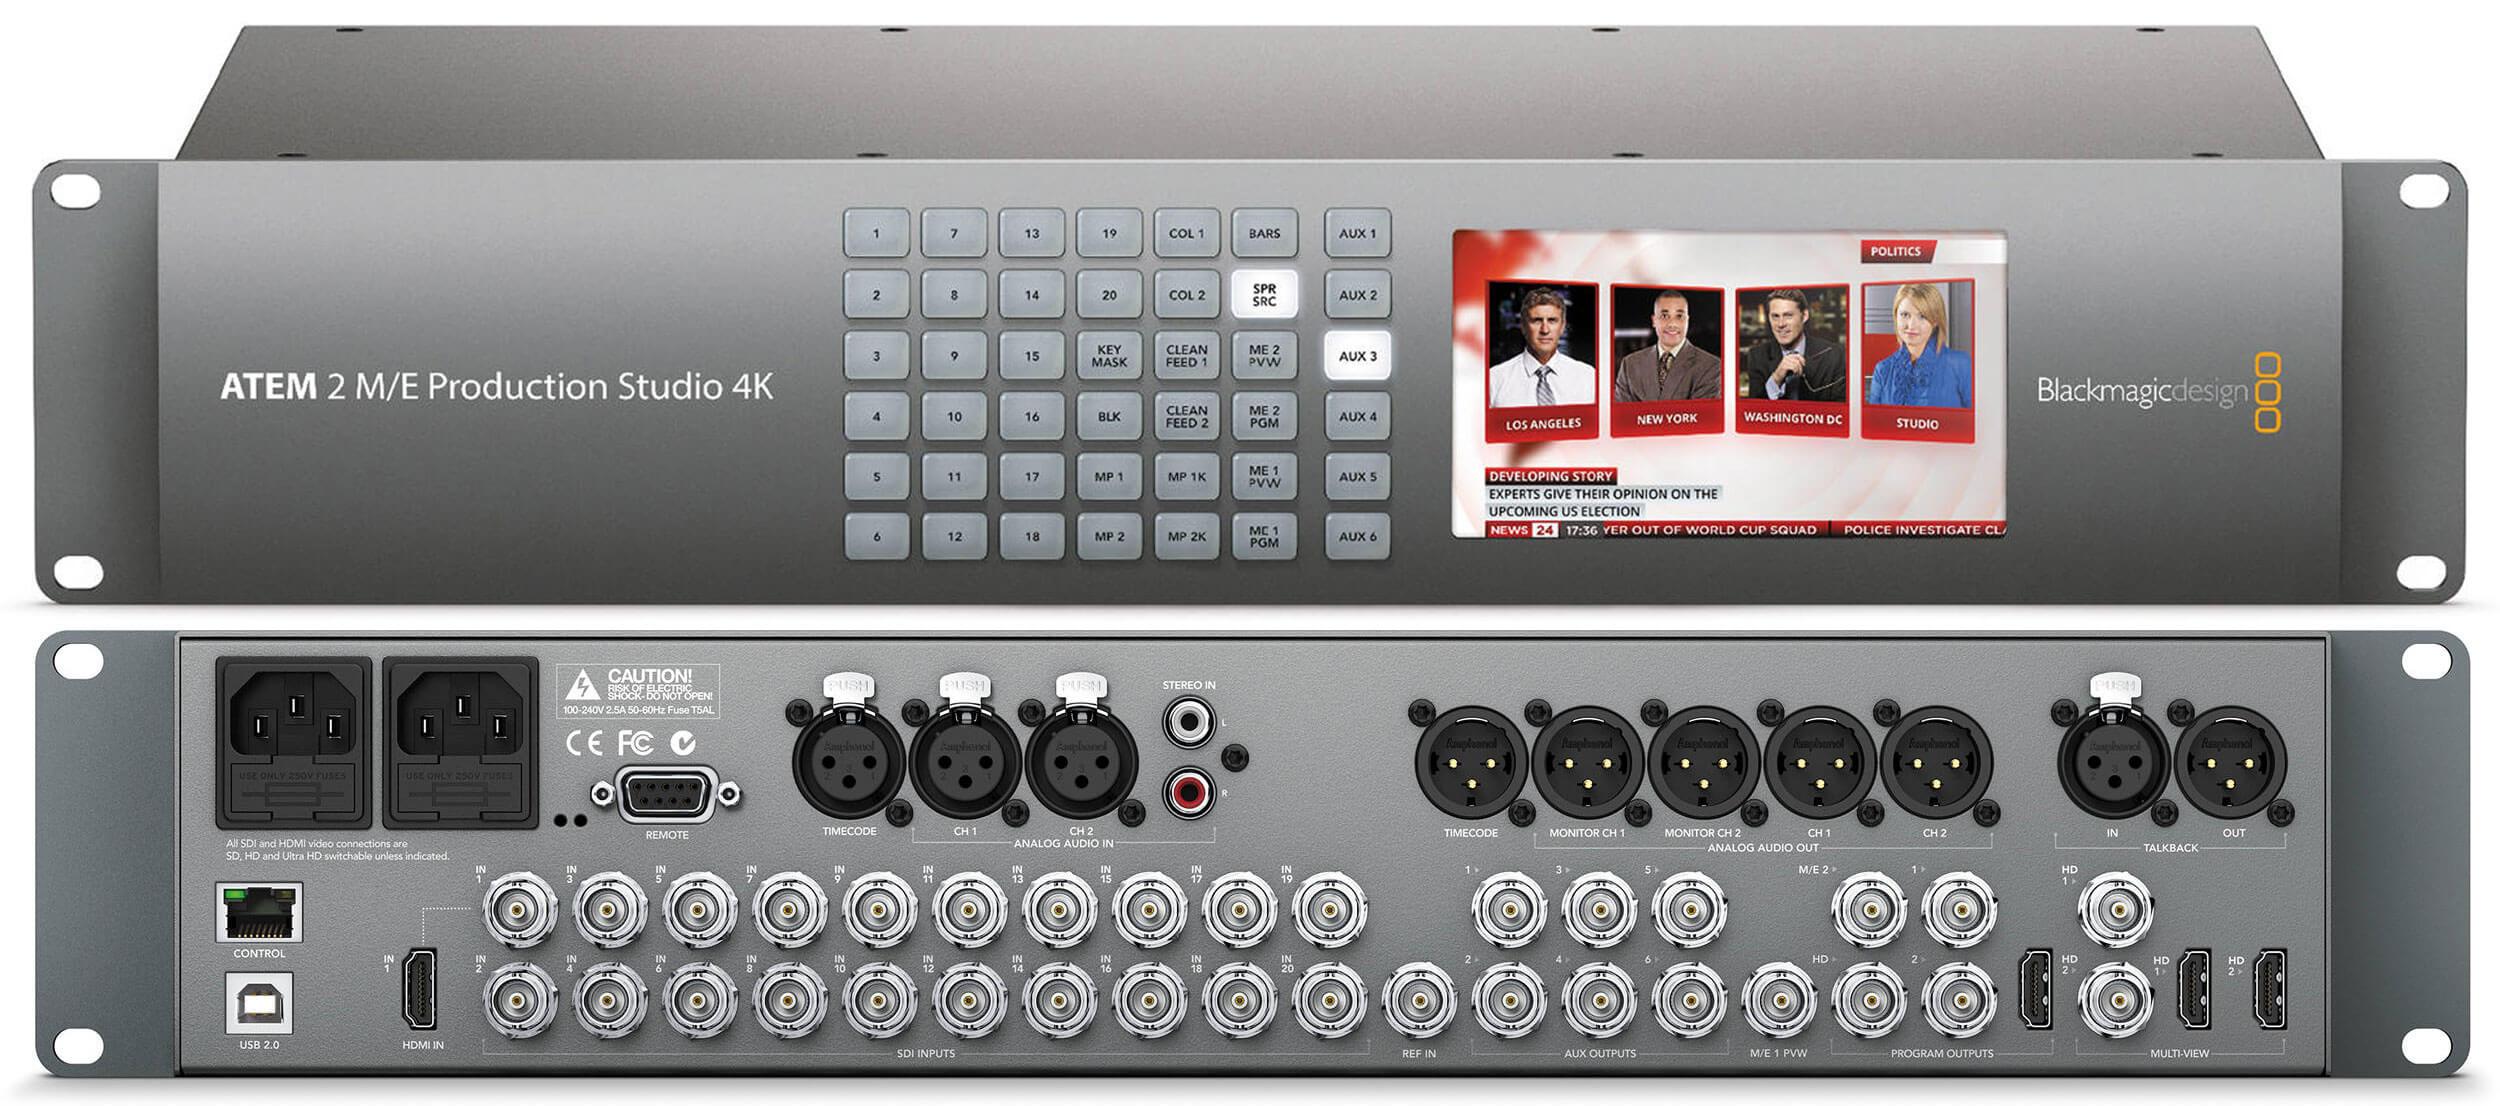 ATEM 2 M/E Production Studio 4K - Blackmagic